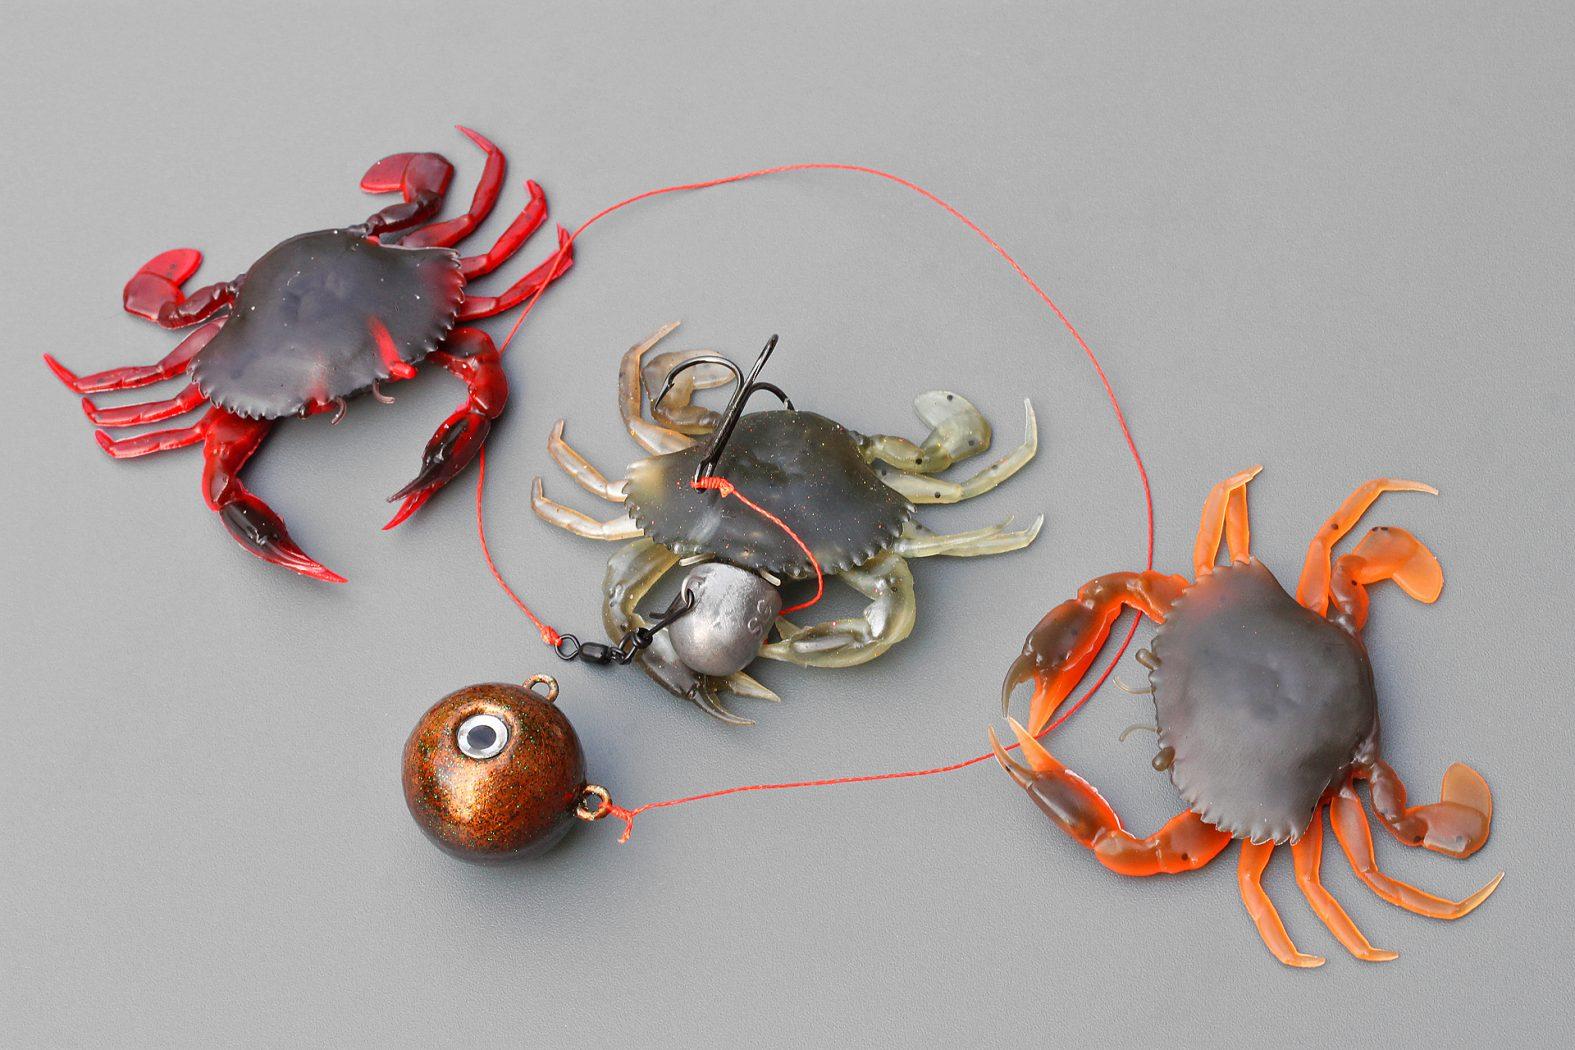 Dorschangeln mit Krabben als Köder